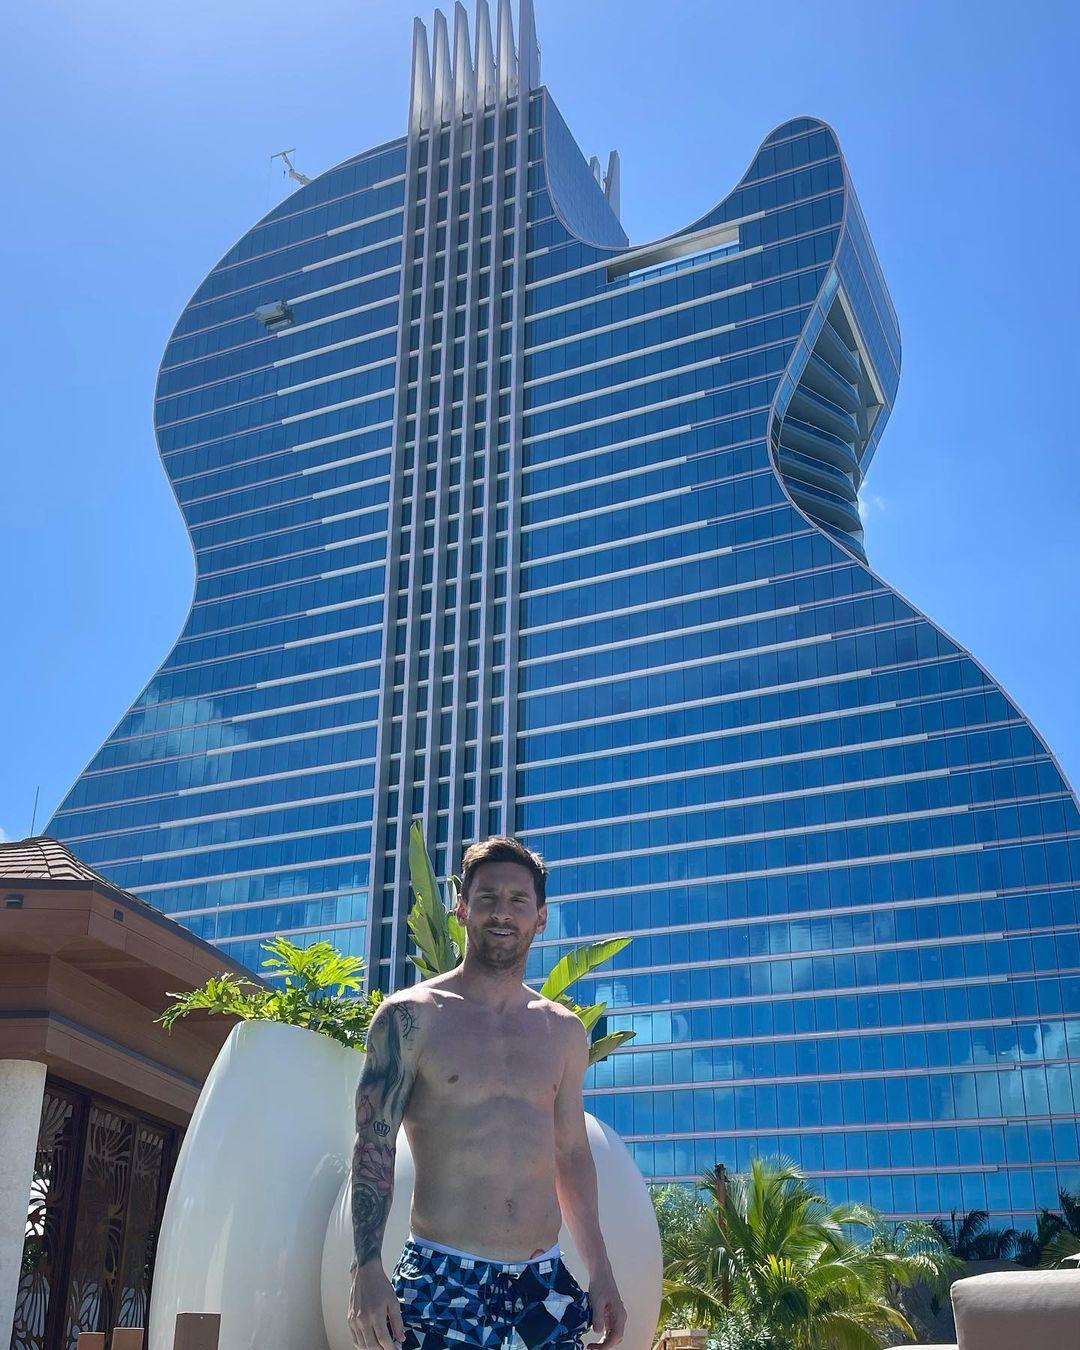 Khám phá khách sạn hình cây đàn mà gia đình Messi đang nghỉ dưỡng - 1